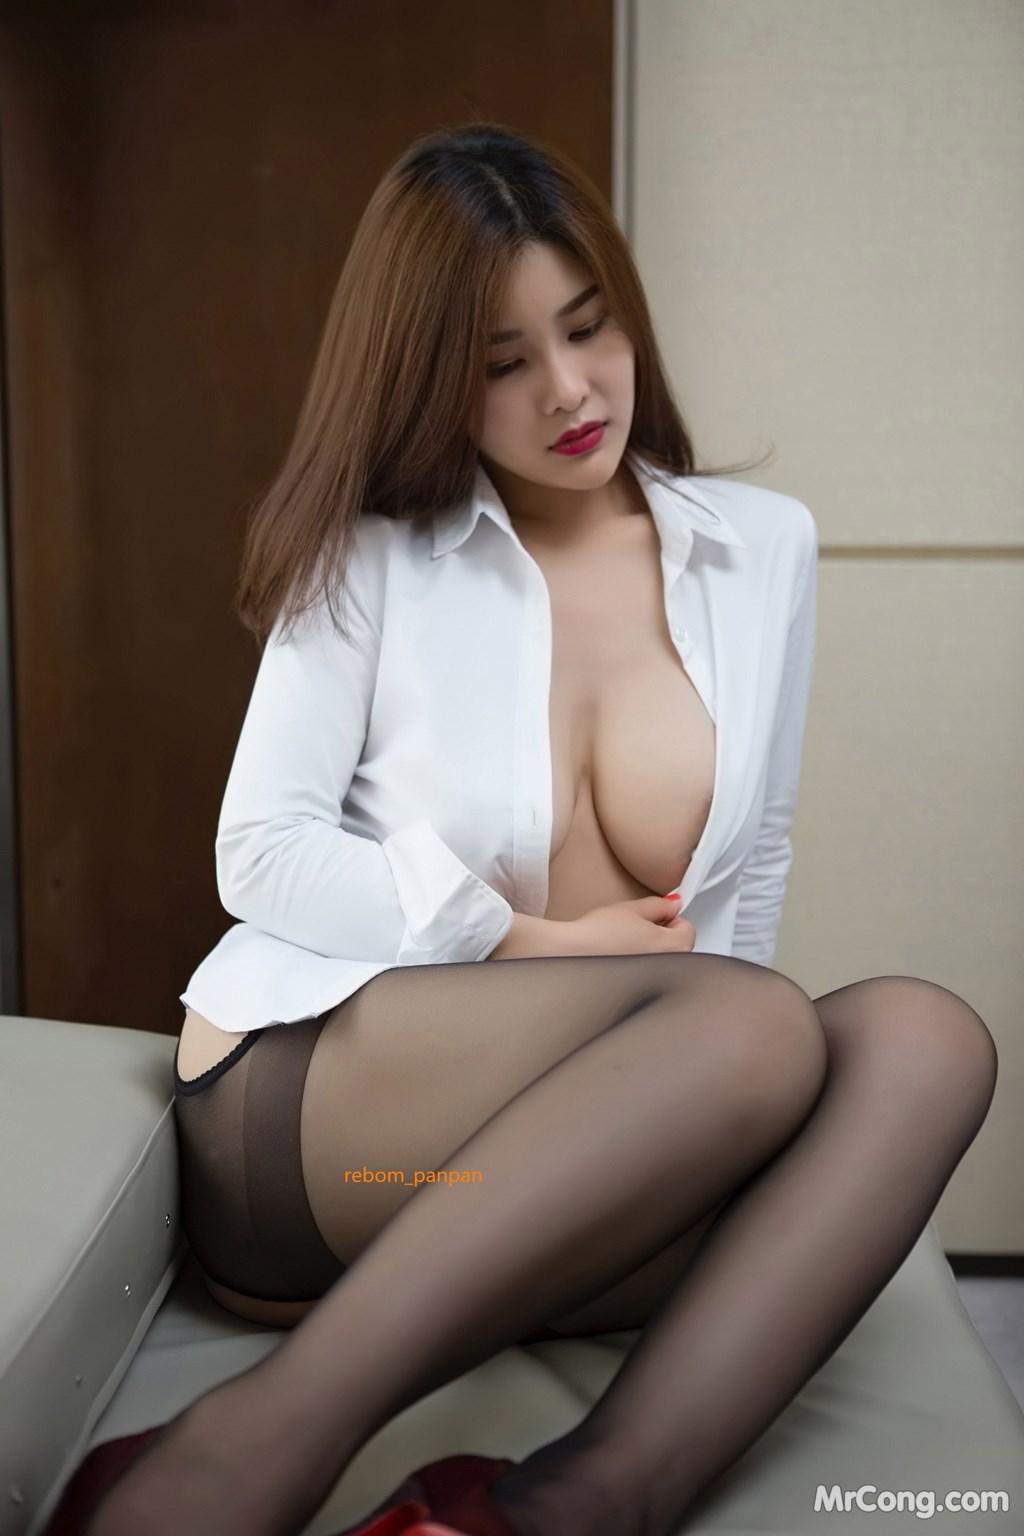 Image Yan-Pan-Pan-Part-4-MrCong.com-038 in post Người đẹp Yan Pan Pan (闫盼盼) hờ hững khoe vòng một trên giường ngủ (40 ảnh)